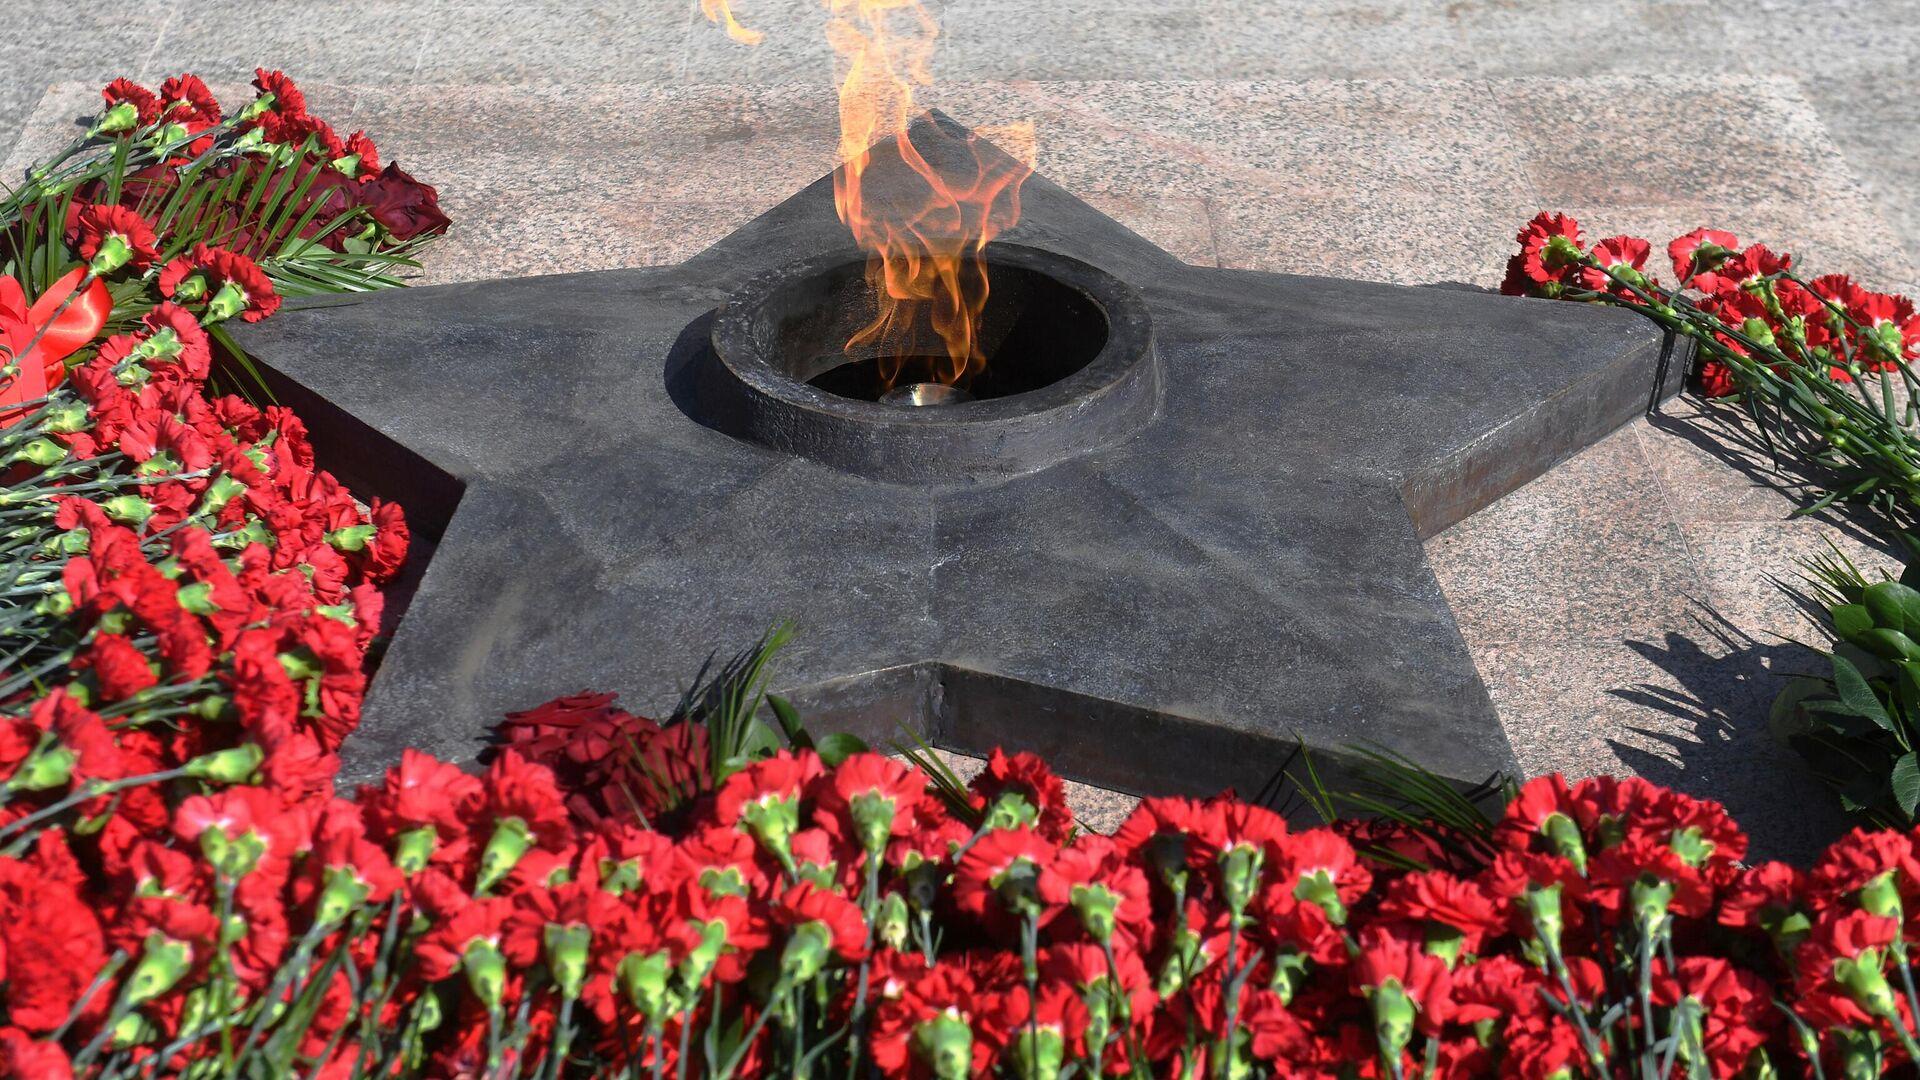 В Волгограде завели дело на мужчину, прикурившего от Вечного огня